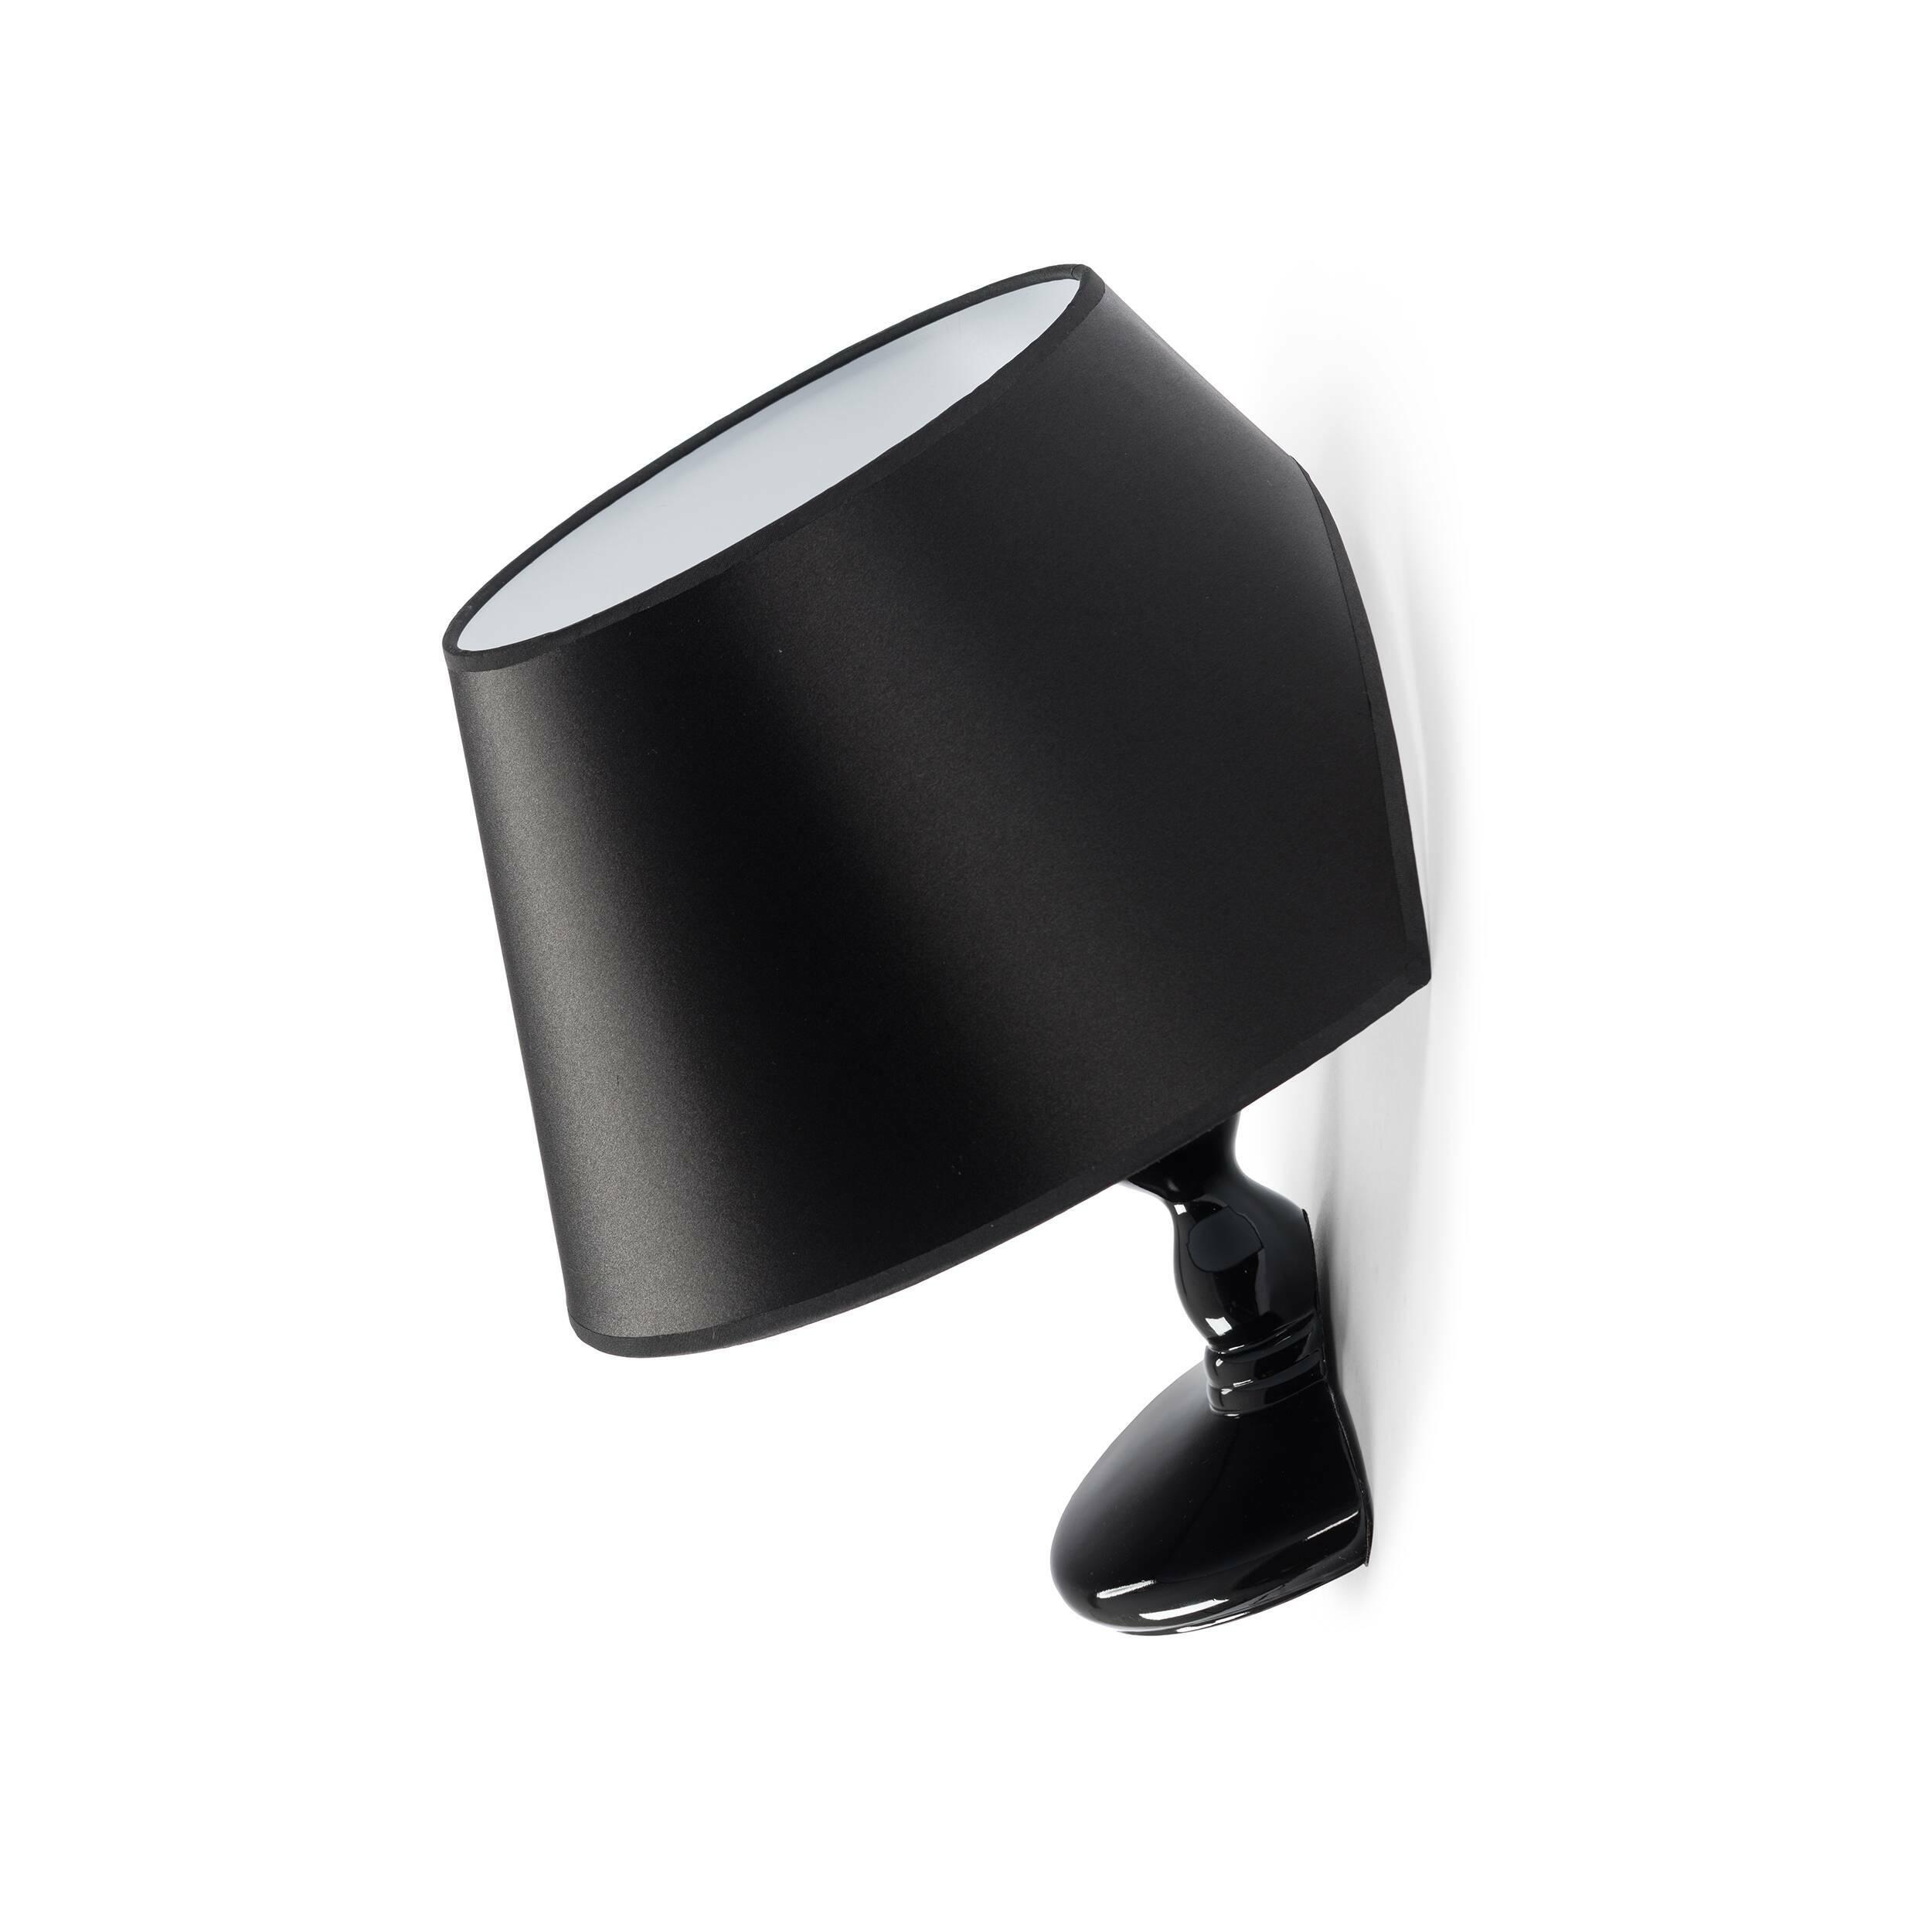 Настенный светильник TitanicНастенные<br>Эта лампа – модель дизайнерского светильника, появившегося в результате сотрудничества Чарльза Тревельяна и Carpenters Workshop Gallery. Сам Чарльз говорит о своем творении так: Я специально не стал отклоняться от классической формы настольного светильника, ведь именно таким мы его обычно и представляем. Дальше я стал играть с этим традиционным представлением, ведь мебели не обязательно иметь традиционные формы. Мы думаем, что у стула должно быть 4 ножки, полки обязаны быть плоскими, а о...<br><br>stock: 0<br>Высота: 46<br>Ширина: 39<br>Количество ламп: 1<br>Материал абажура: Ткань<br>Материал арматуры: Стеклопластик<br>Ламп в комплекте: Нет<br>Напряжение: 220<br>Тип лампы/цоколь: E27<br>Цвет абажура: Черный